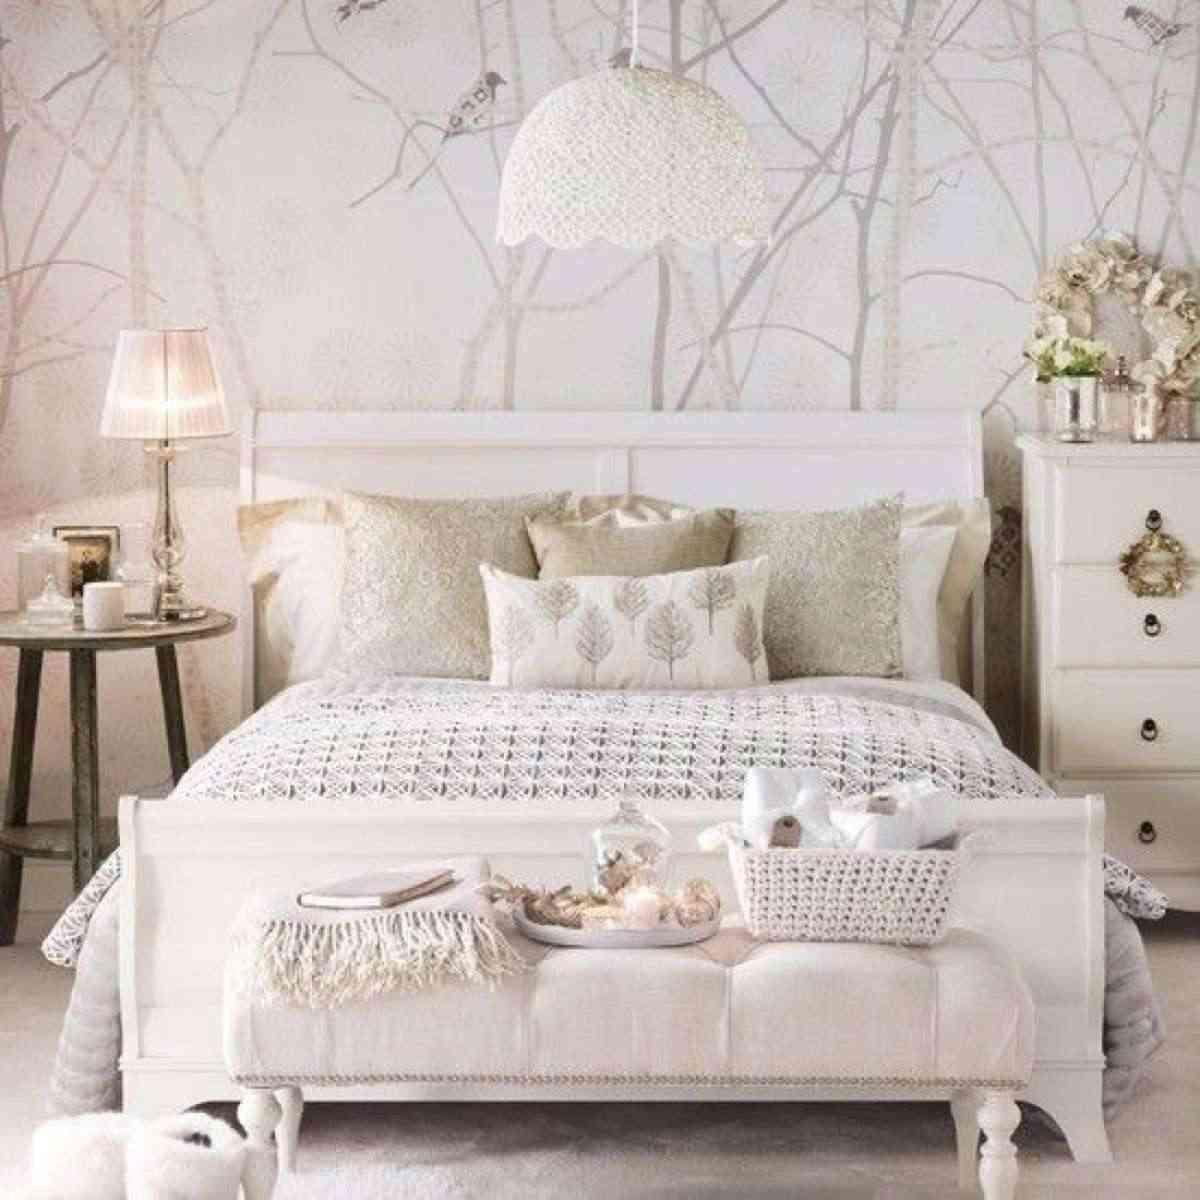 colores para el verano decorar en blanco y beige